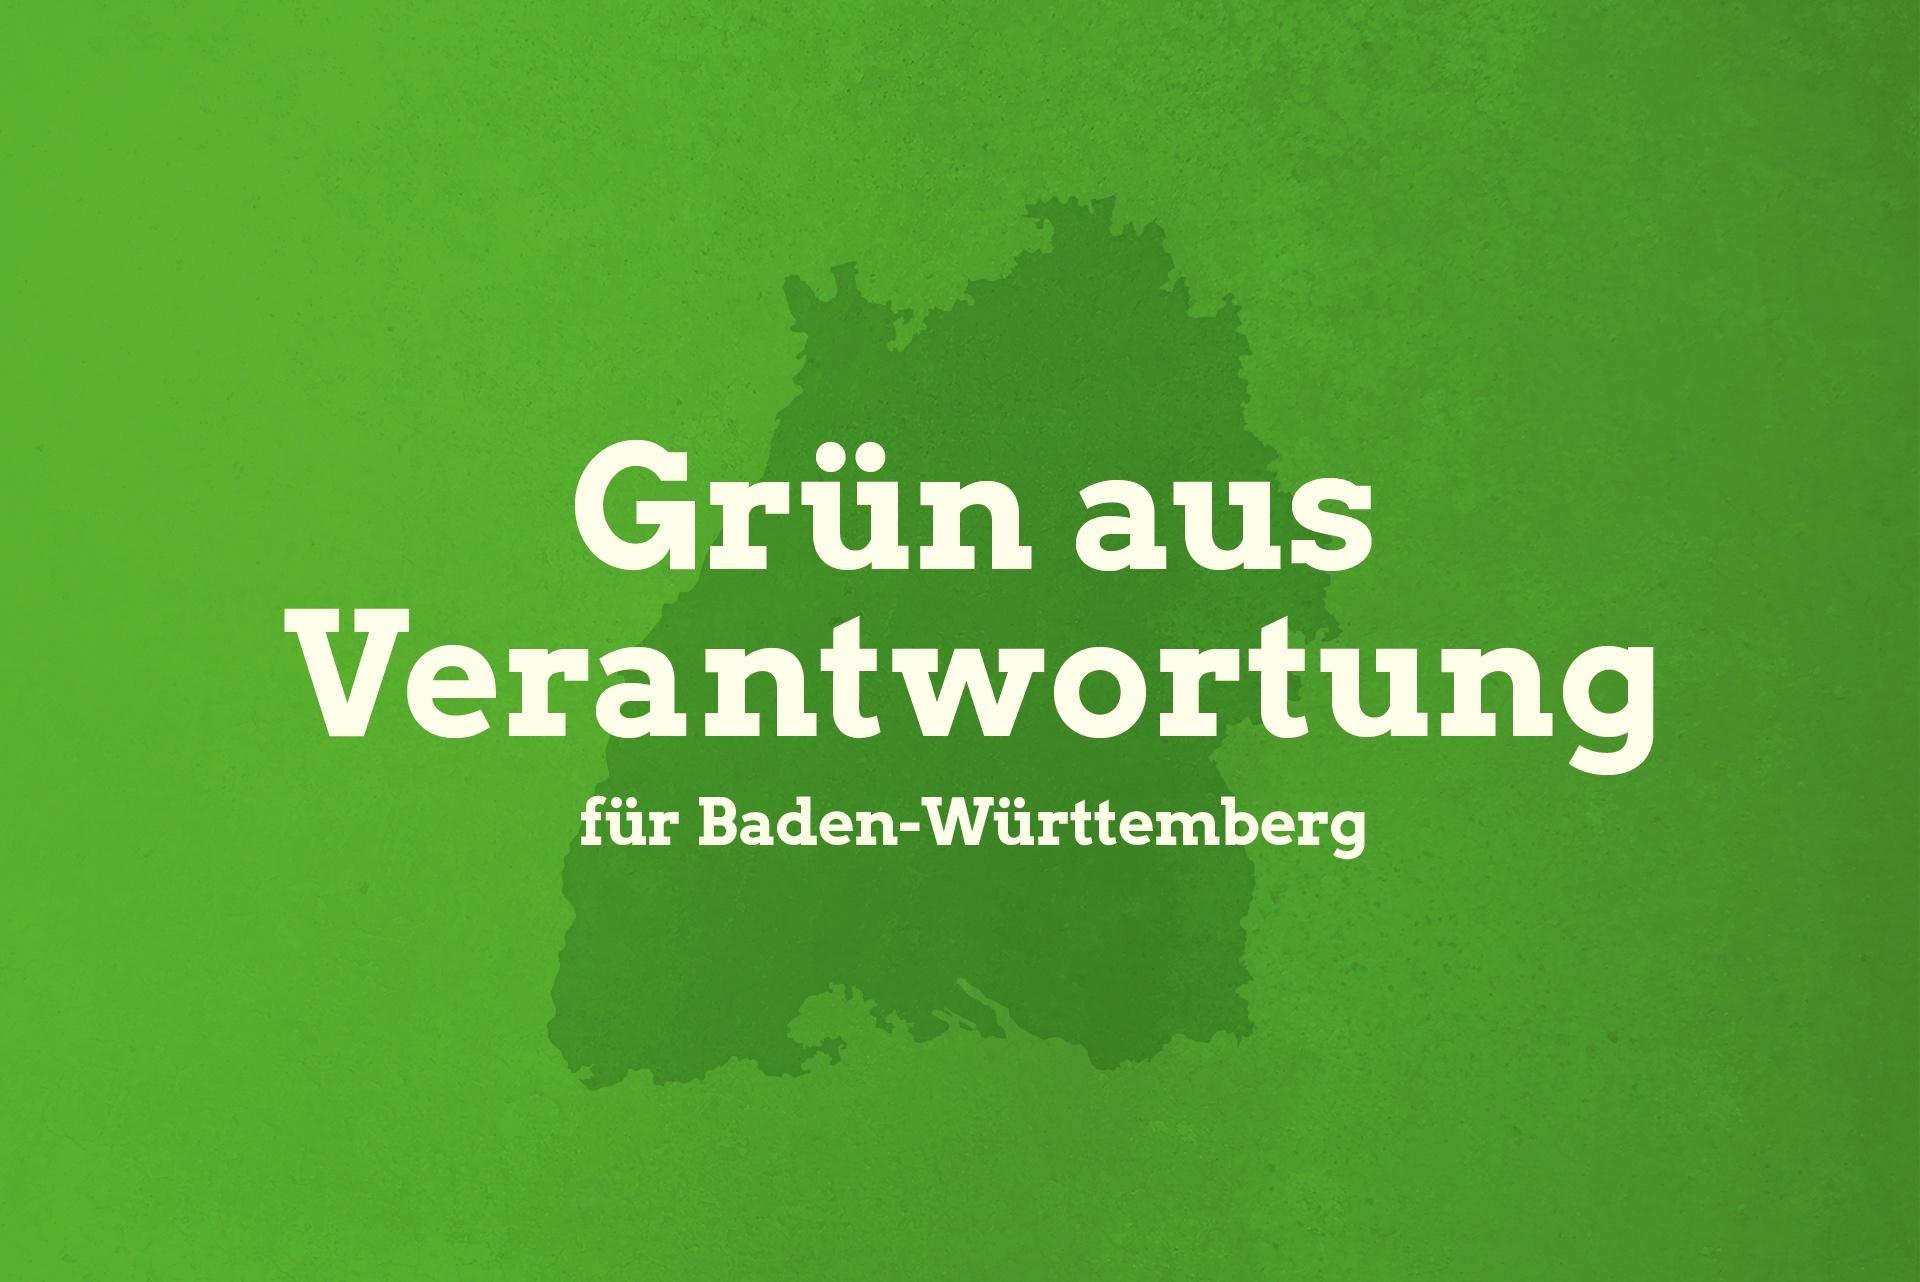 Land stellt weitere 4,2 Millionen Euro für Deutschkurse für Flüchtlinge zur Verfügung